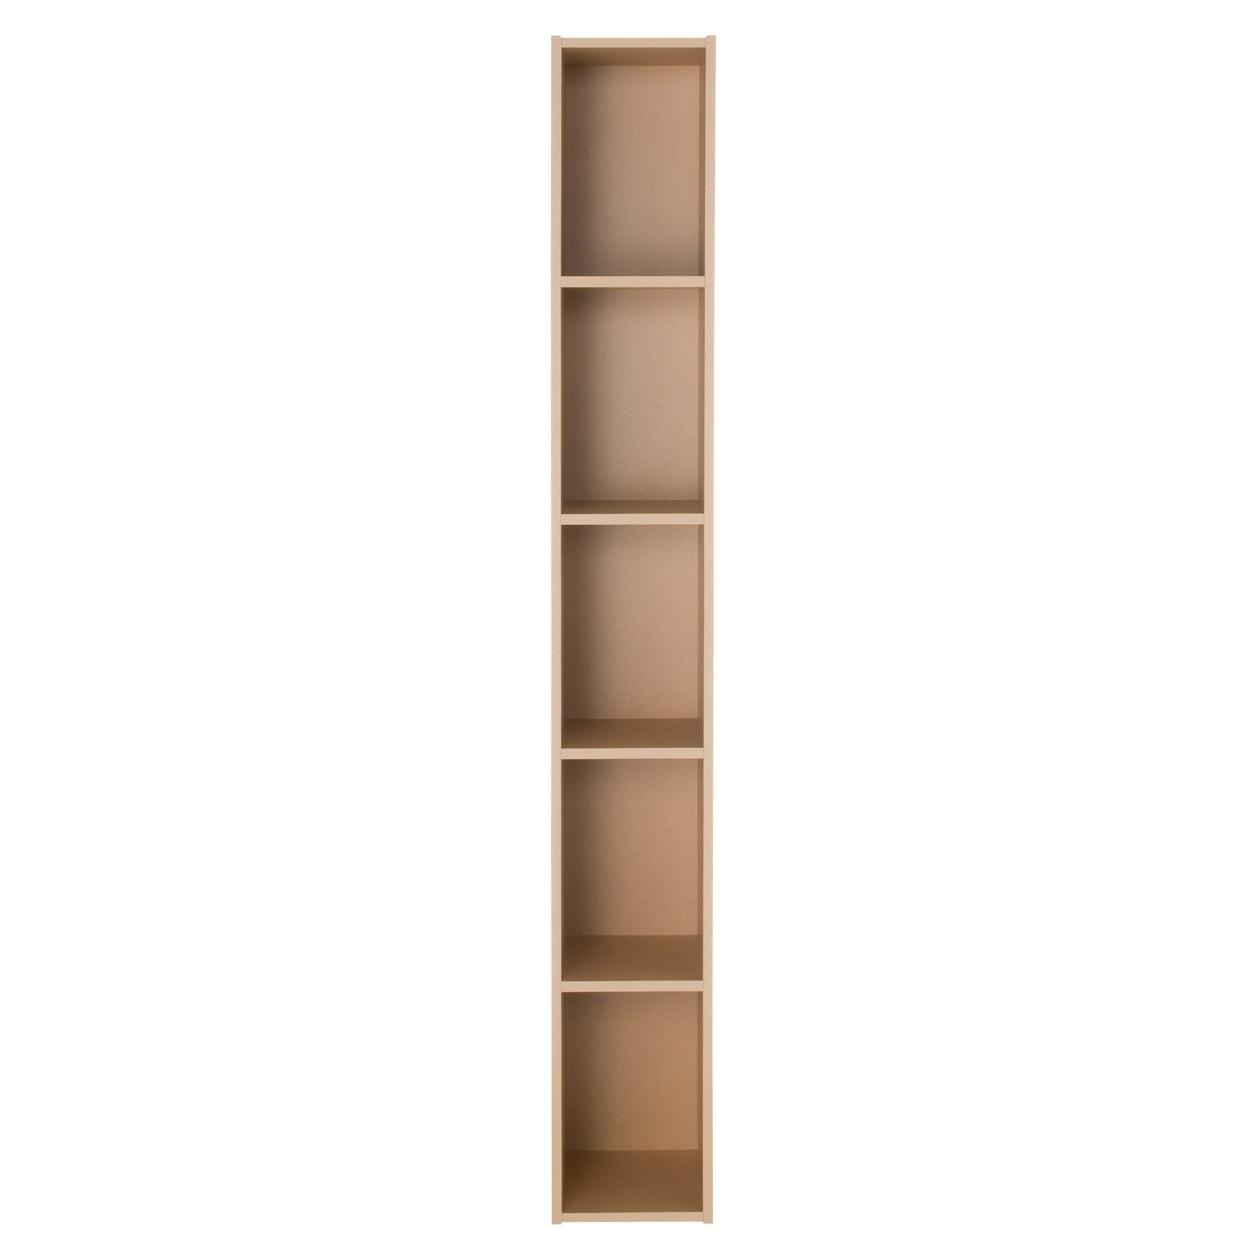 RoomClip商品情報 - パルプボードボックス・スリム・5段/ベージュ